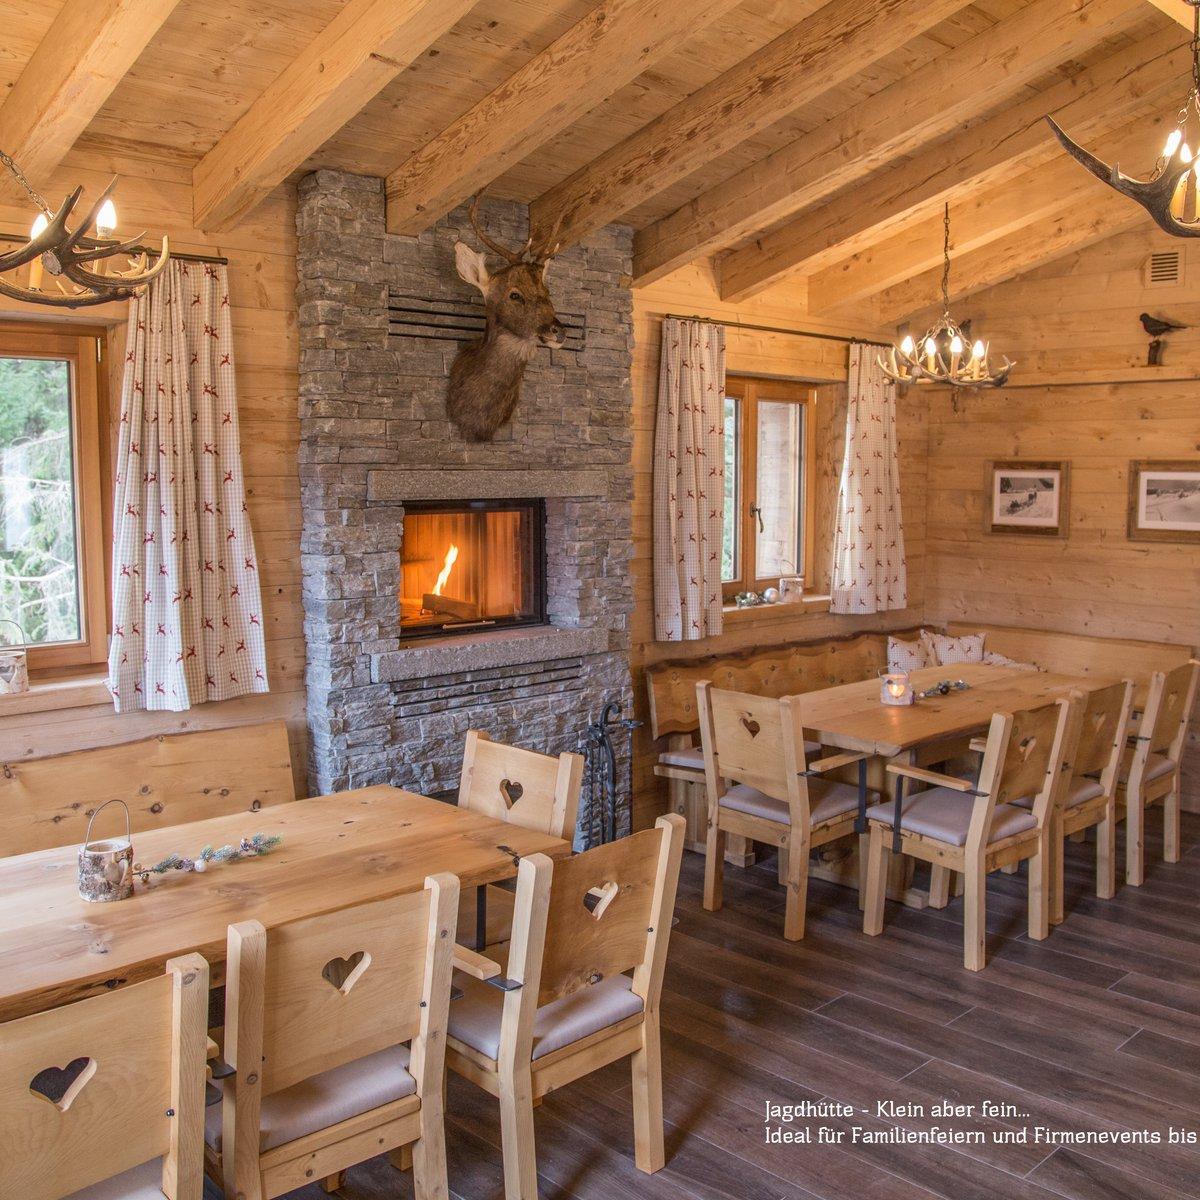 Wie gemütlich! Neben dem grössten Restaurant, das Montanara, gibt es noch einen kleinen Raum für Gruppen und gemütliche Runden: Unsere Jagdhütta.